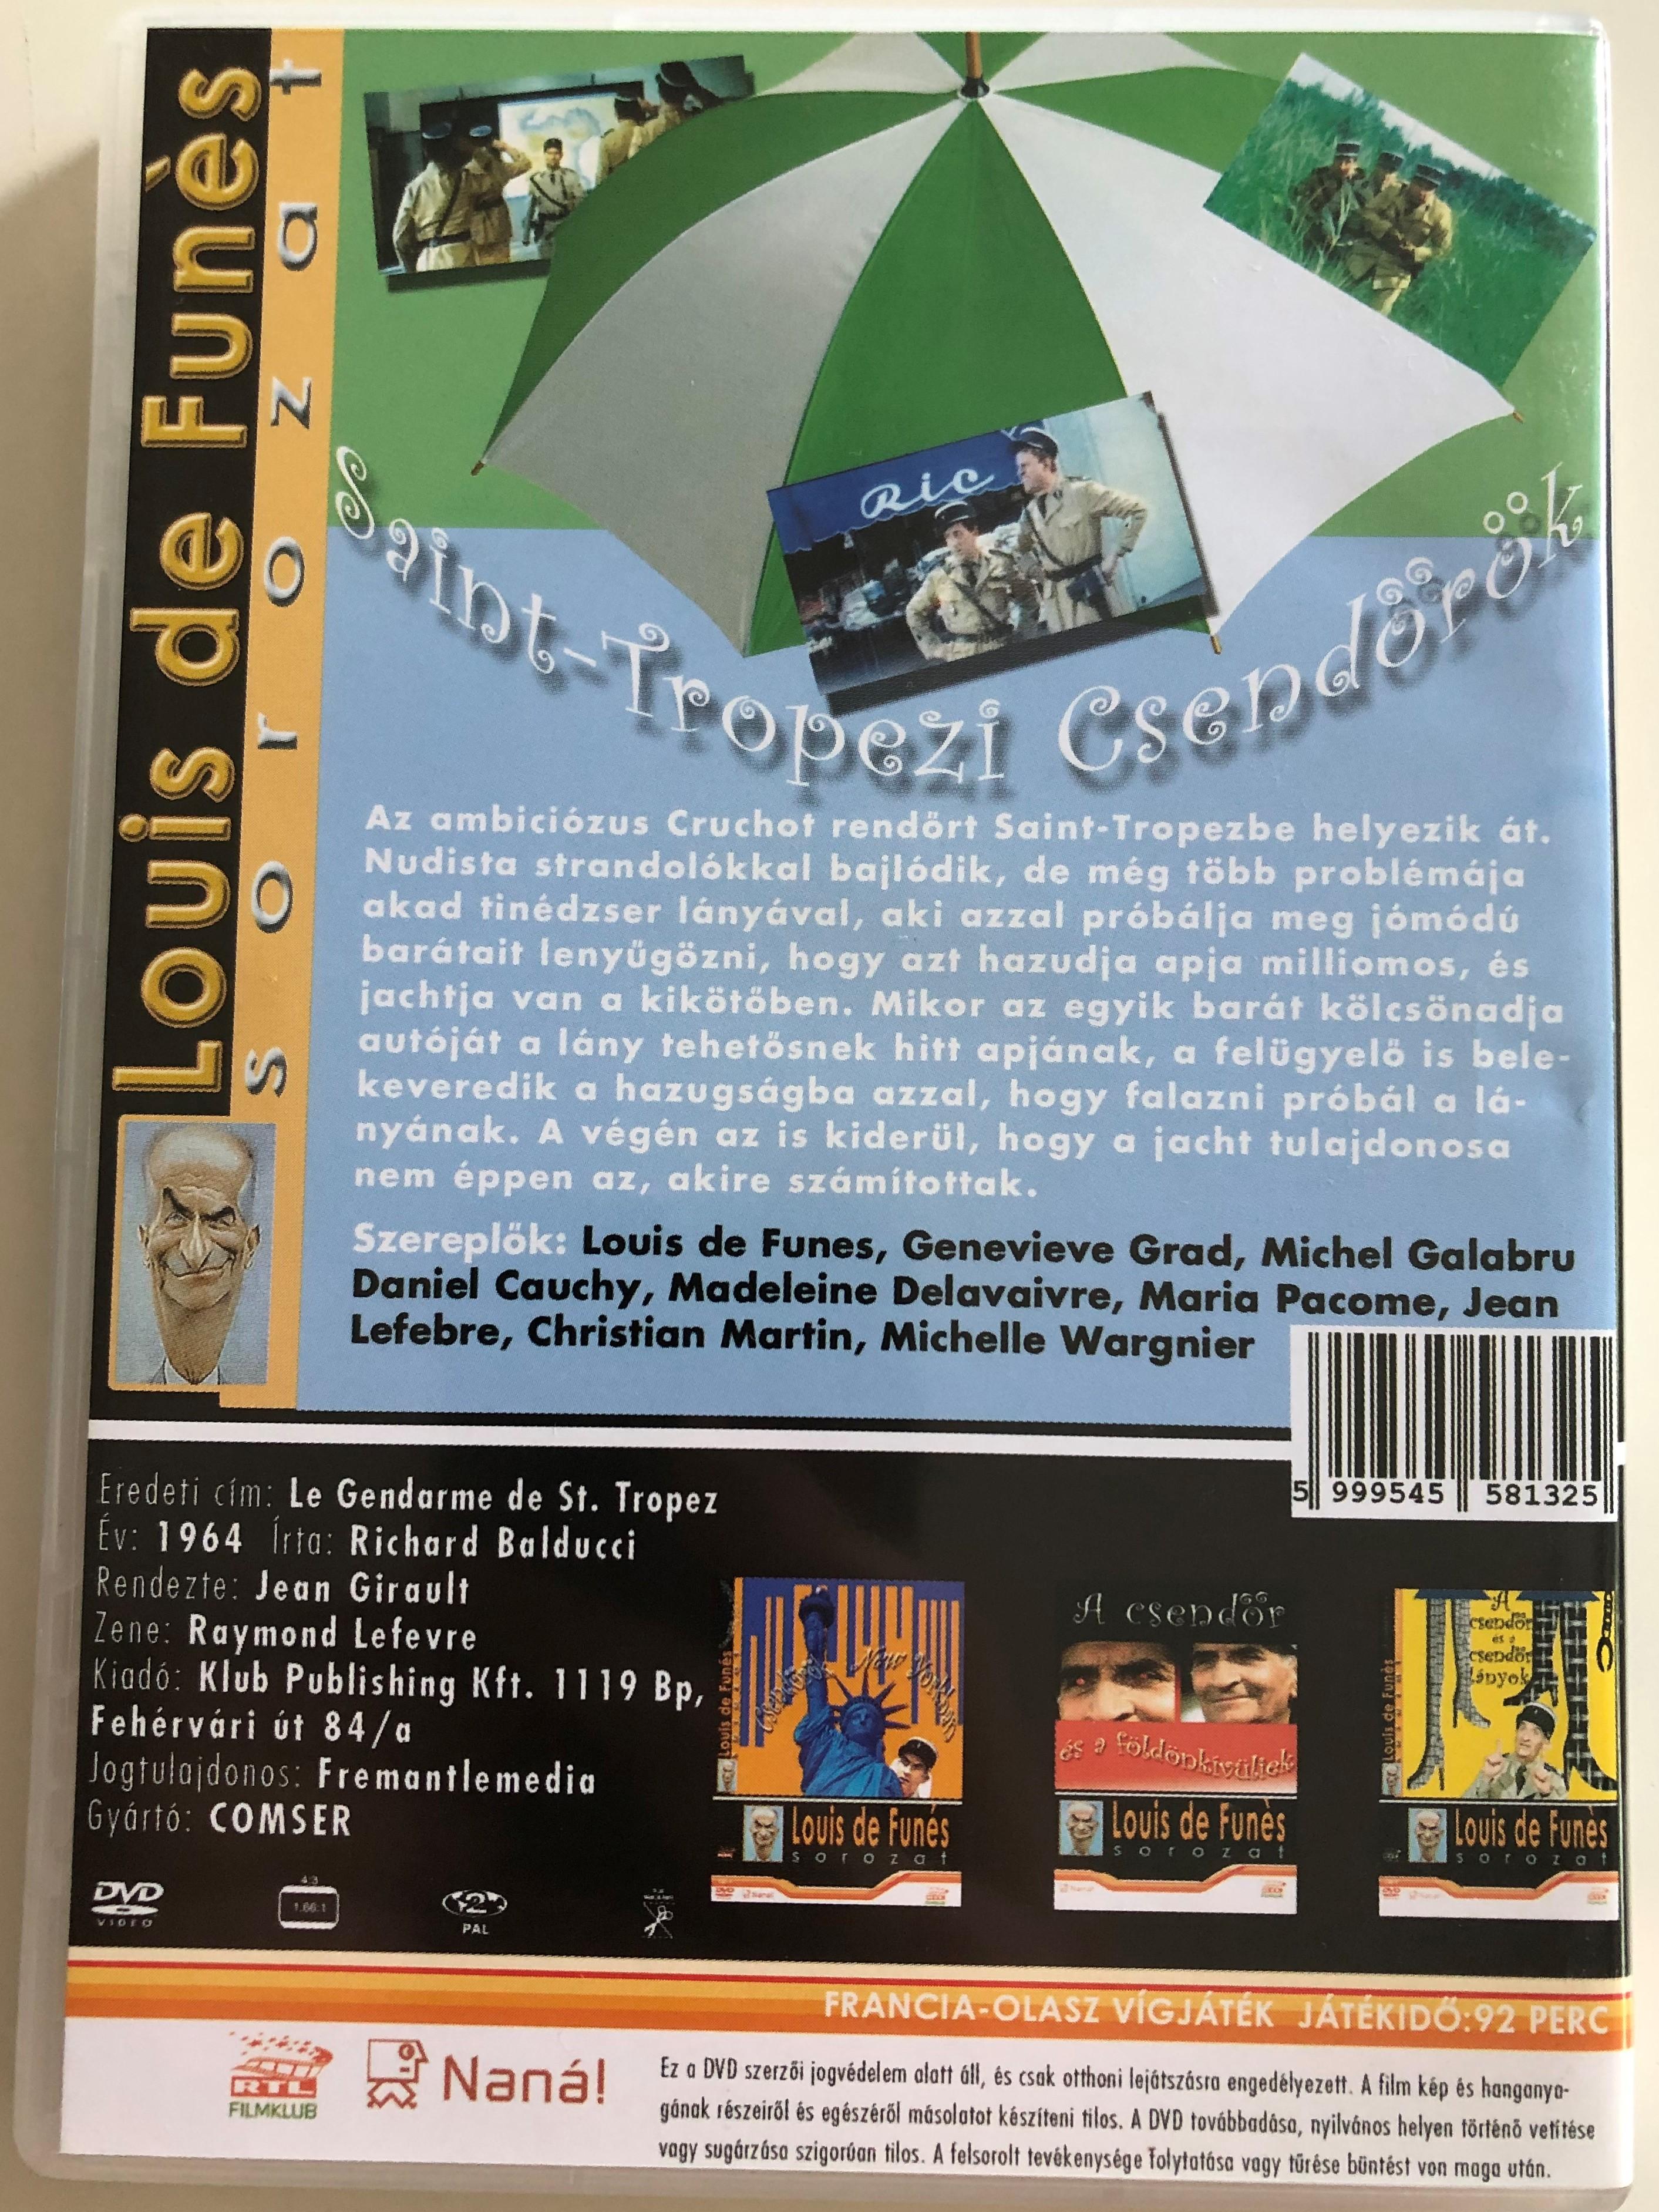 -saint-tropezi-csend-r-k-dvd-1964-le-gendarme-de-st.-tropez-the-troops-of-st.-tropez-directed-by-jean-girault-starring-louis-de-fun-s-genevi-ve-grad-michel-galabru-jean-lefebvre-christian-marin-louis-de-fun-s-soro.jpg